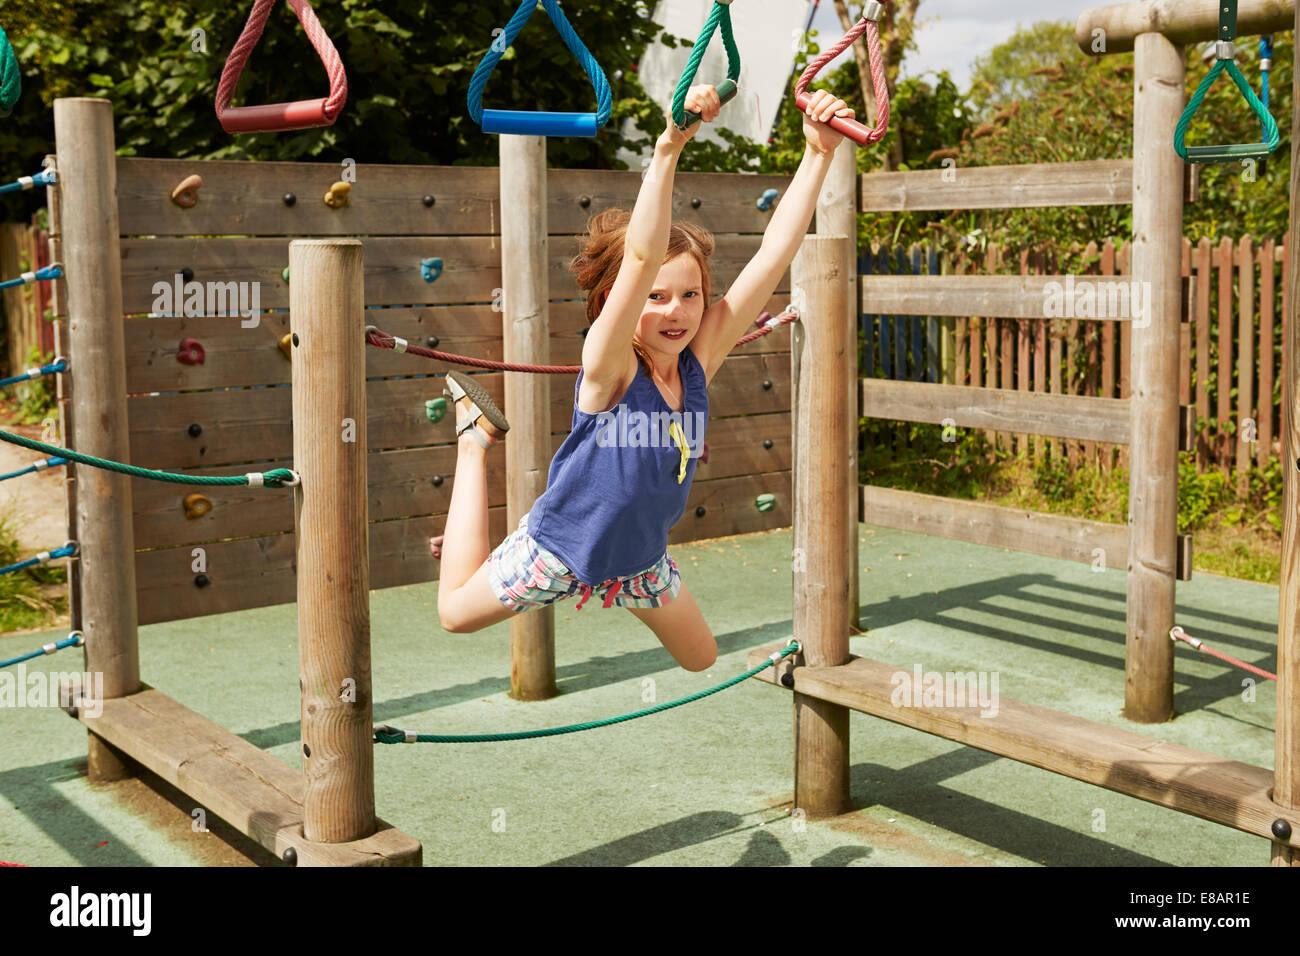 Ragazza energicamente a giocare sulle altalene nel parco giochi Foto Stock